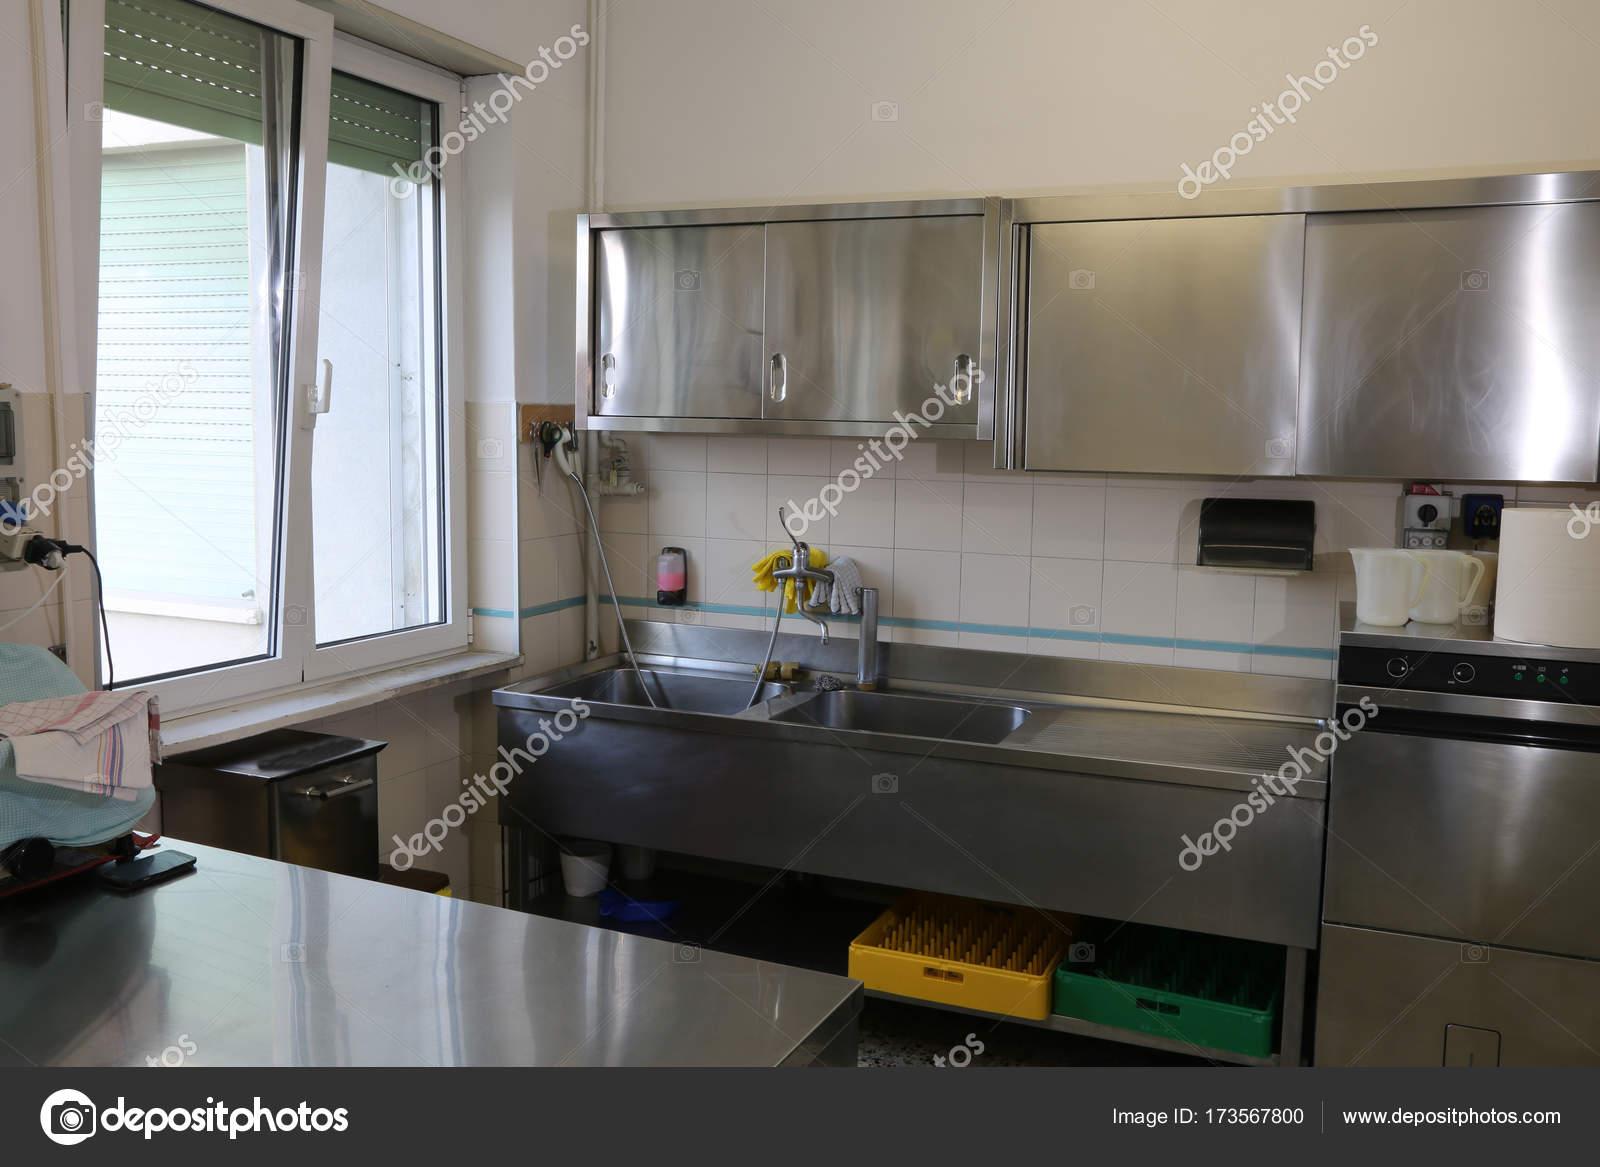 Balde De Inox Grande Em Uma Cozinha Industrial Stock Photo